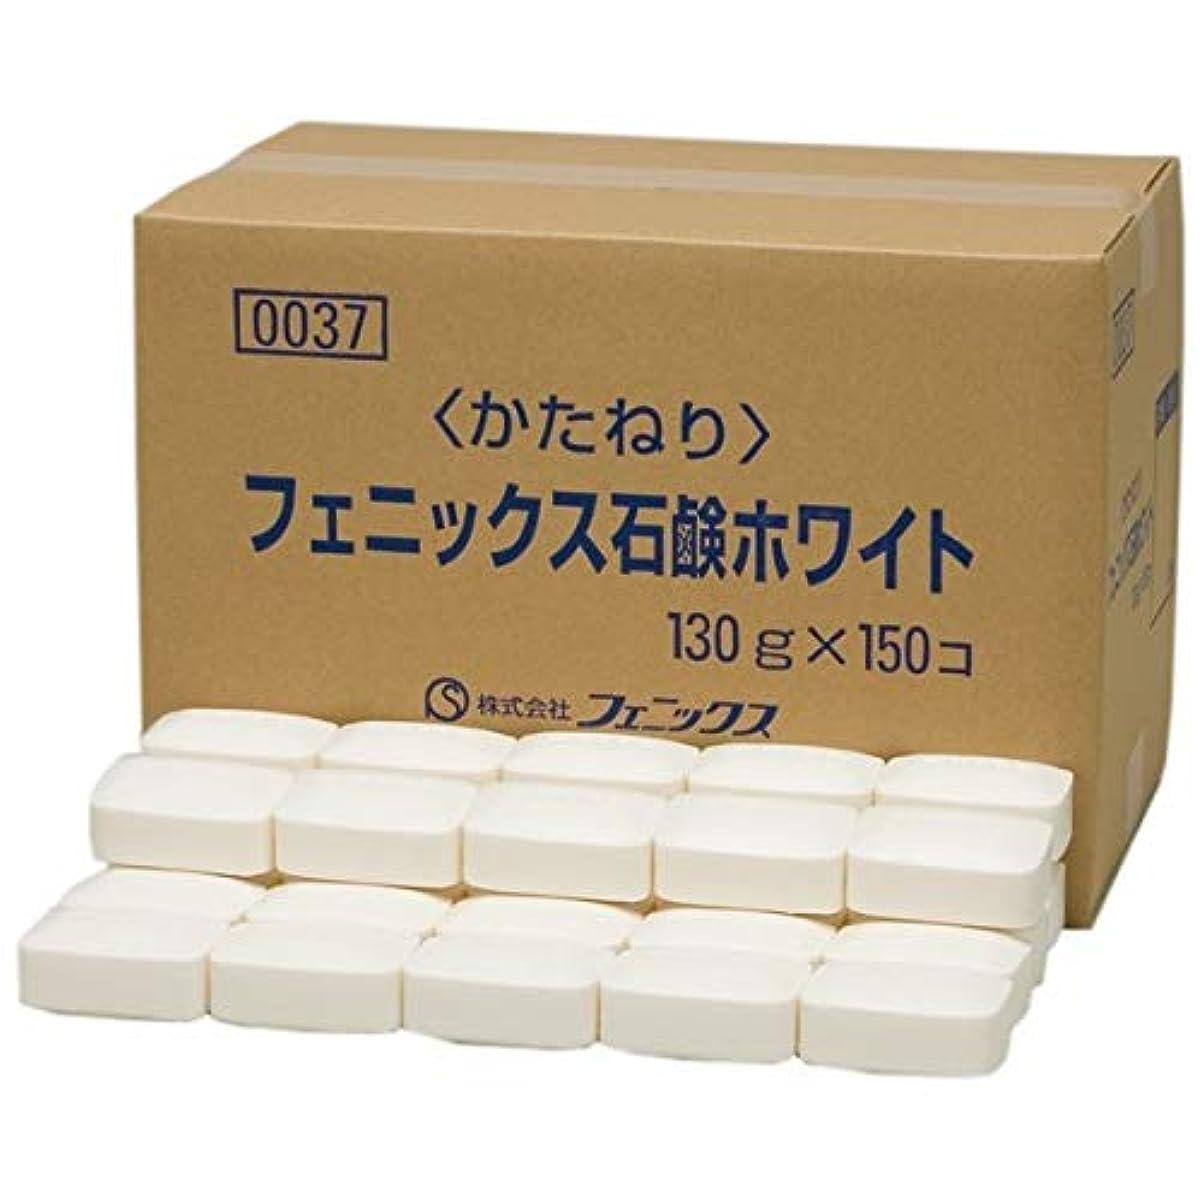 移民甘やかすゴミ箱を空にするフェニックスホワイト石鹸 130g×150個入